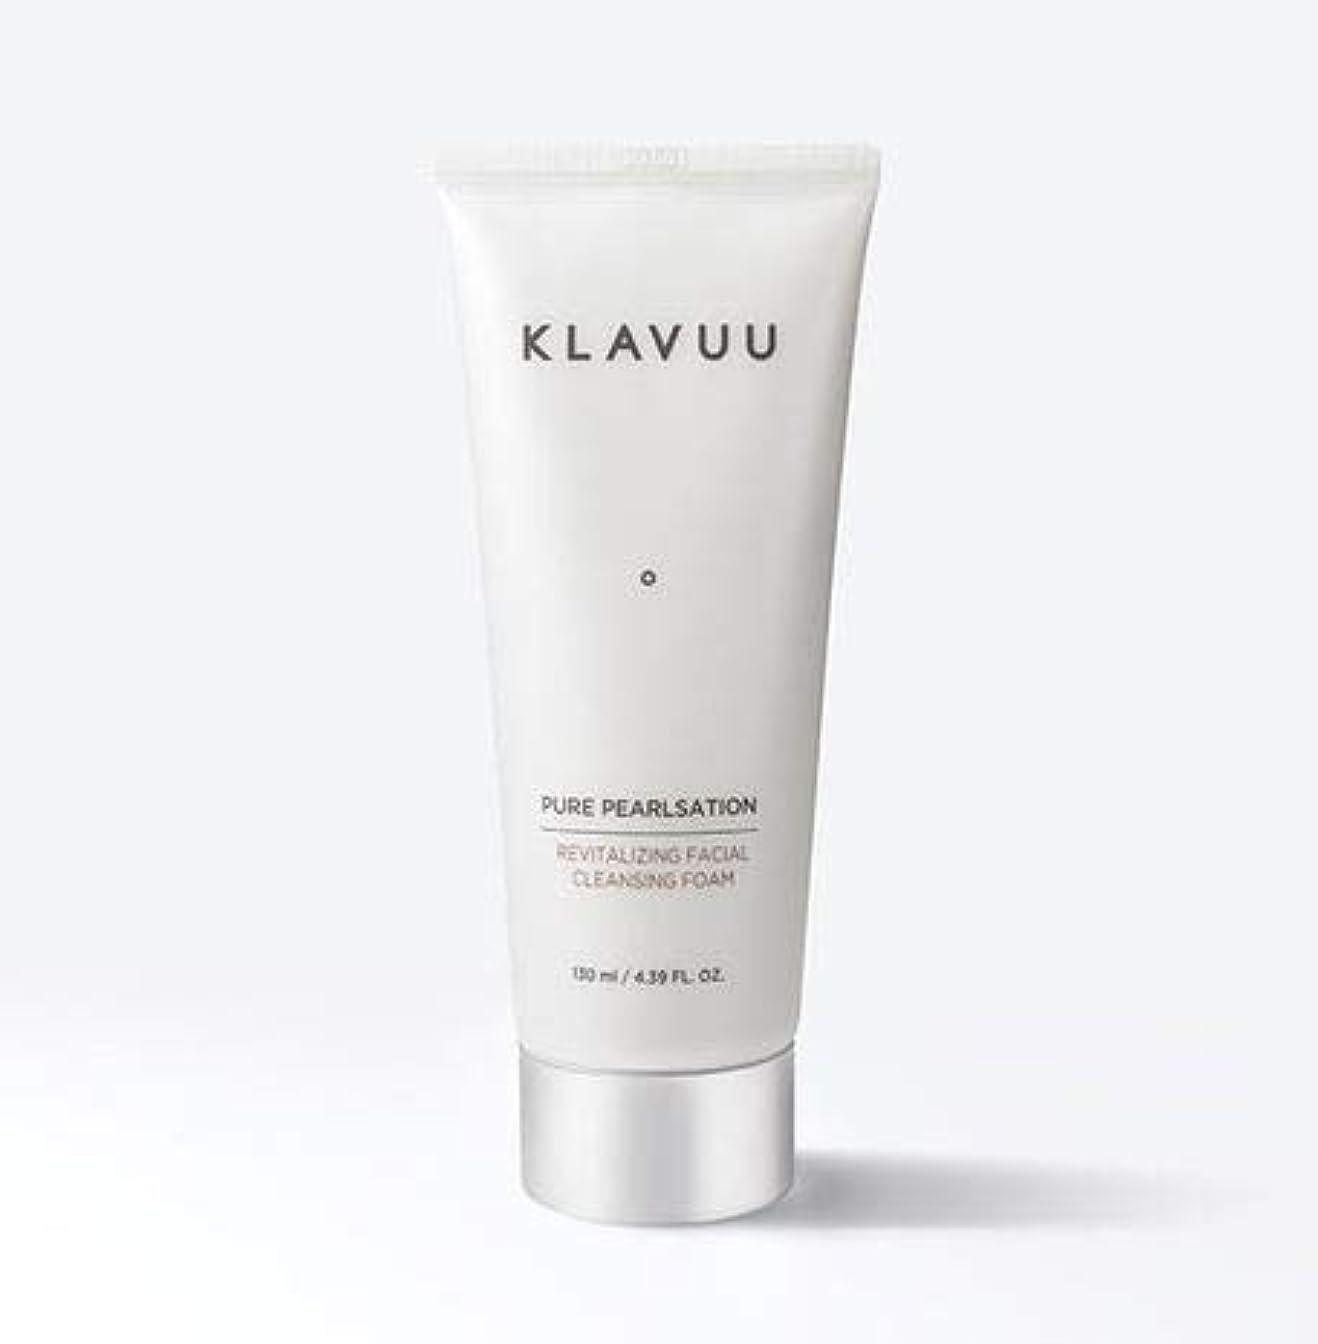 歯痛優雅滞在[ Klavuu ] PURE PEARLSATION Revitalizing Facial Cleansing Foam /[クラビュー ] ピュア パールセ―ション リバイタライジング フェイシャル クレンジング...